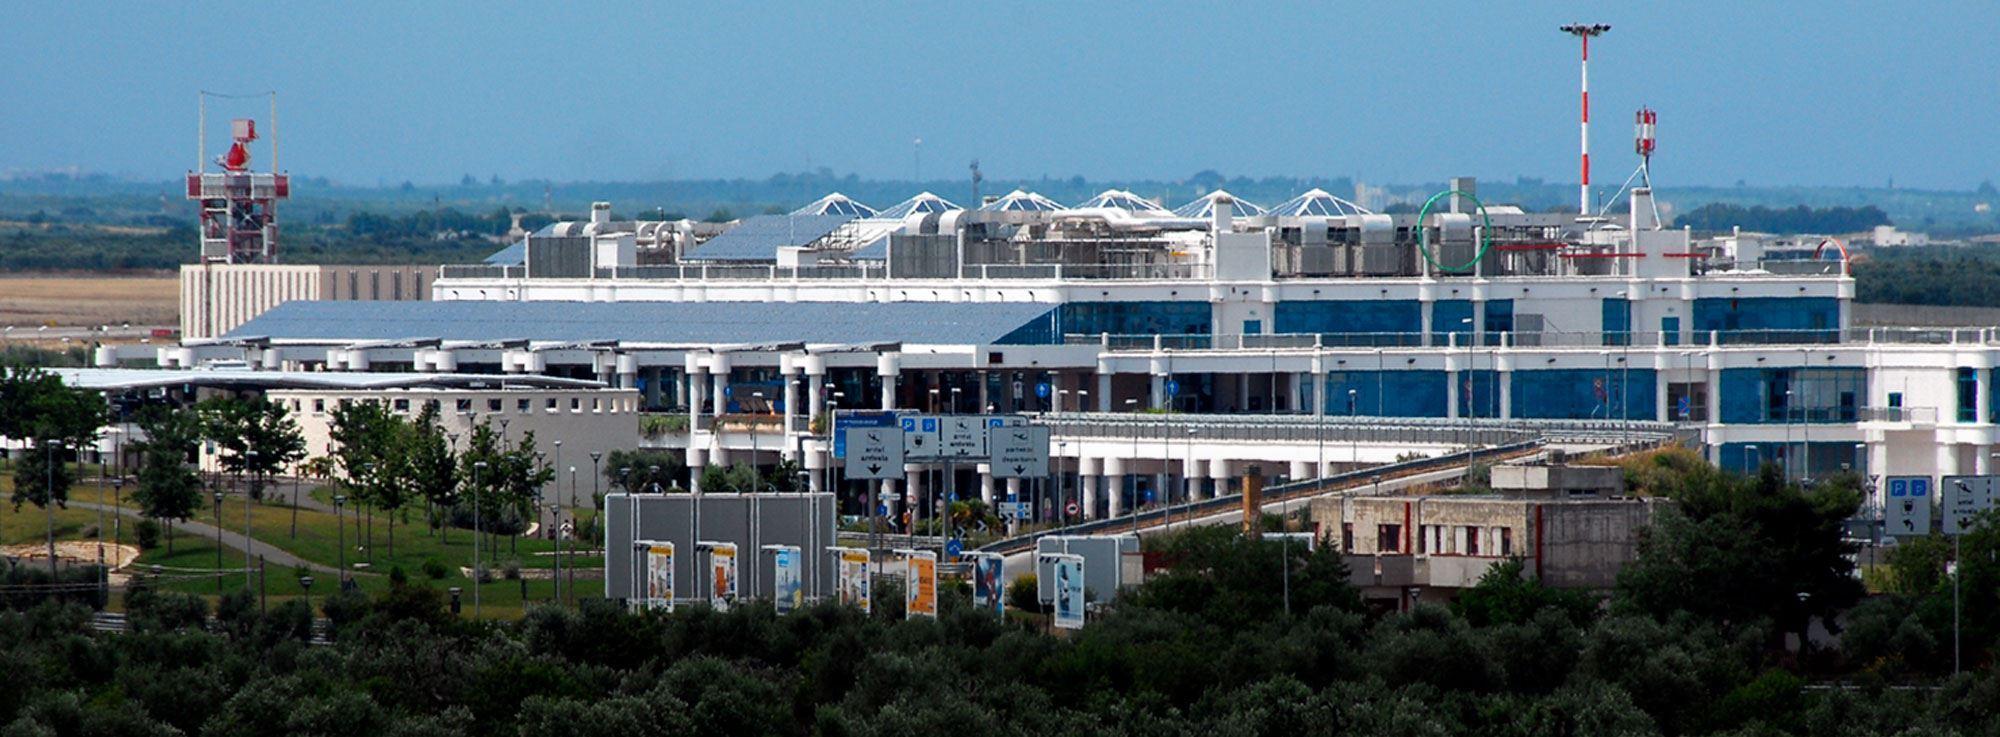 Aeroporto Bari : Aeroporto di bari palese karol wojtyla chiude dal febbraio all